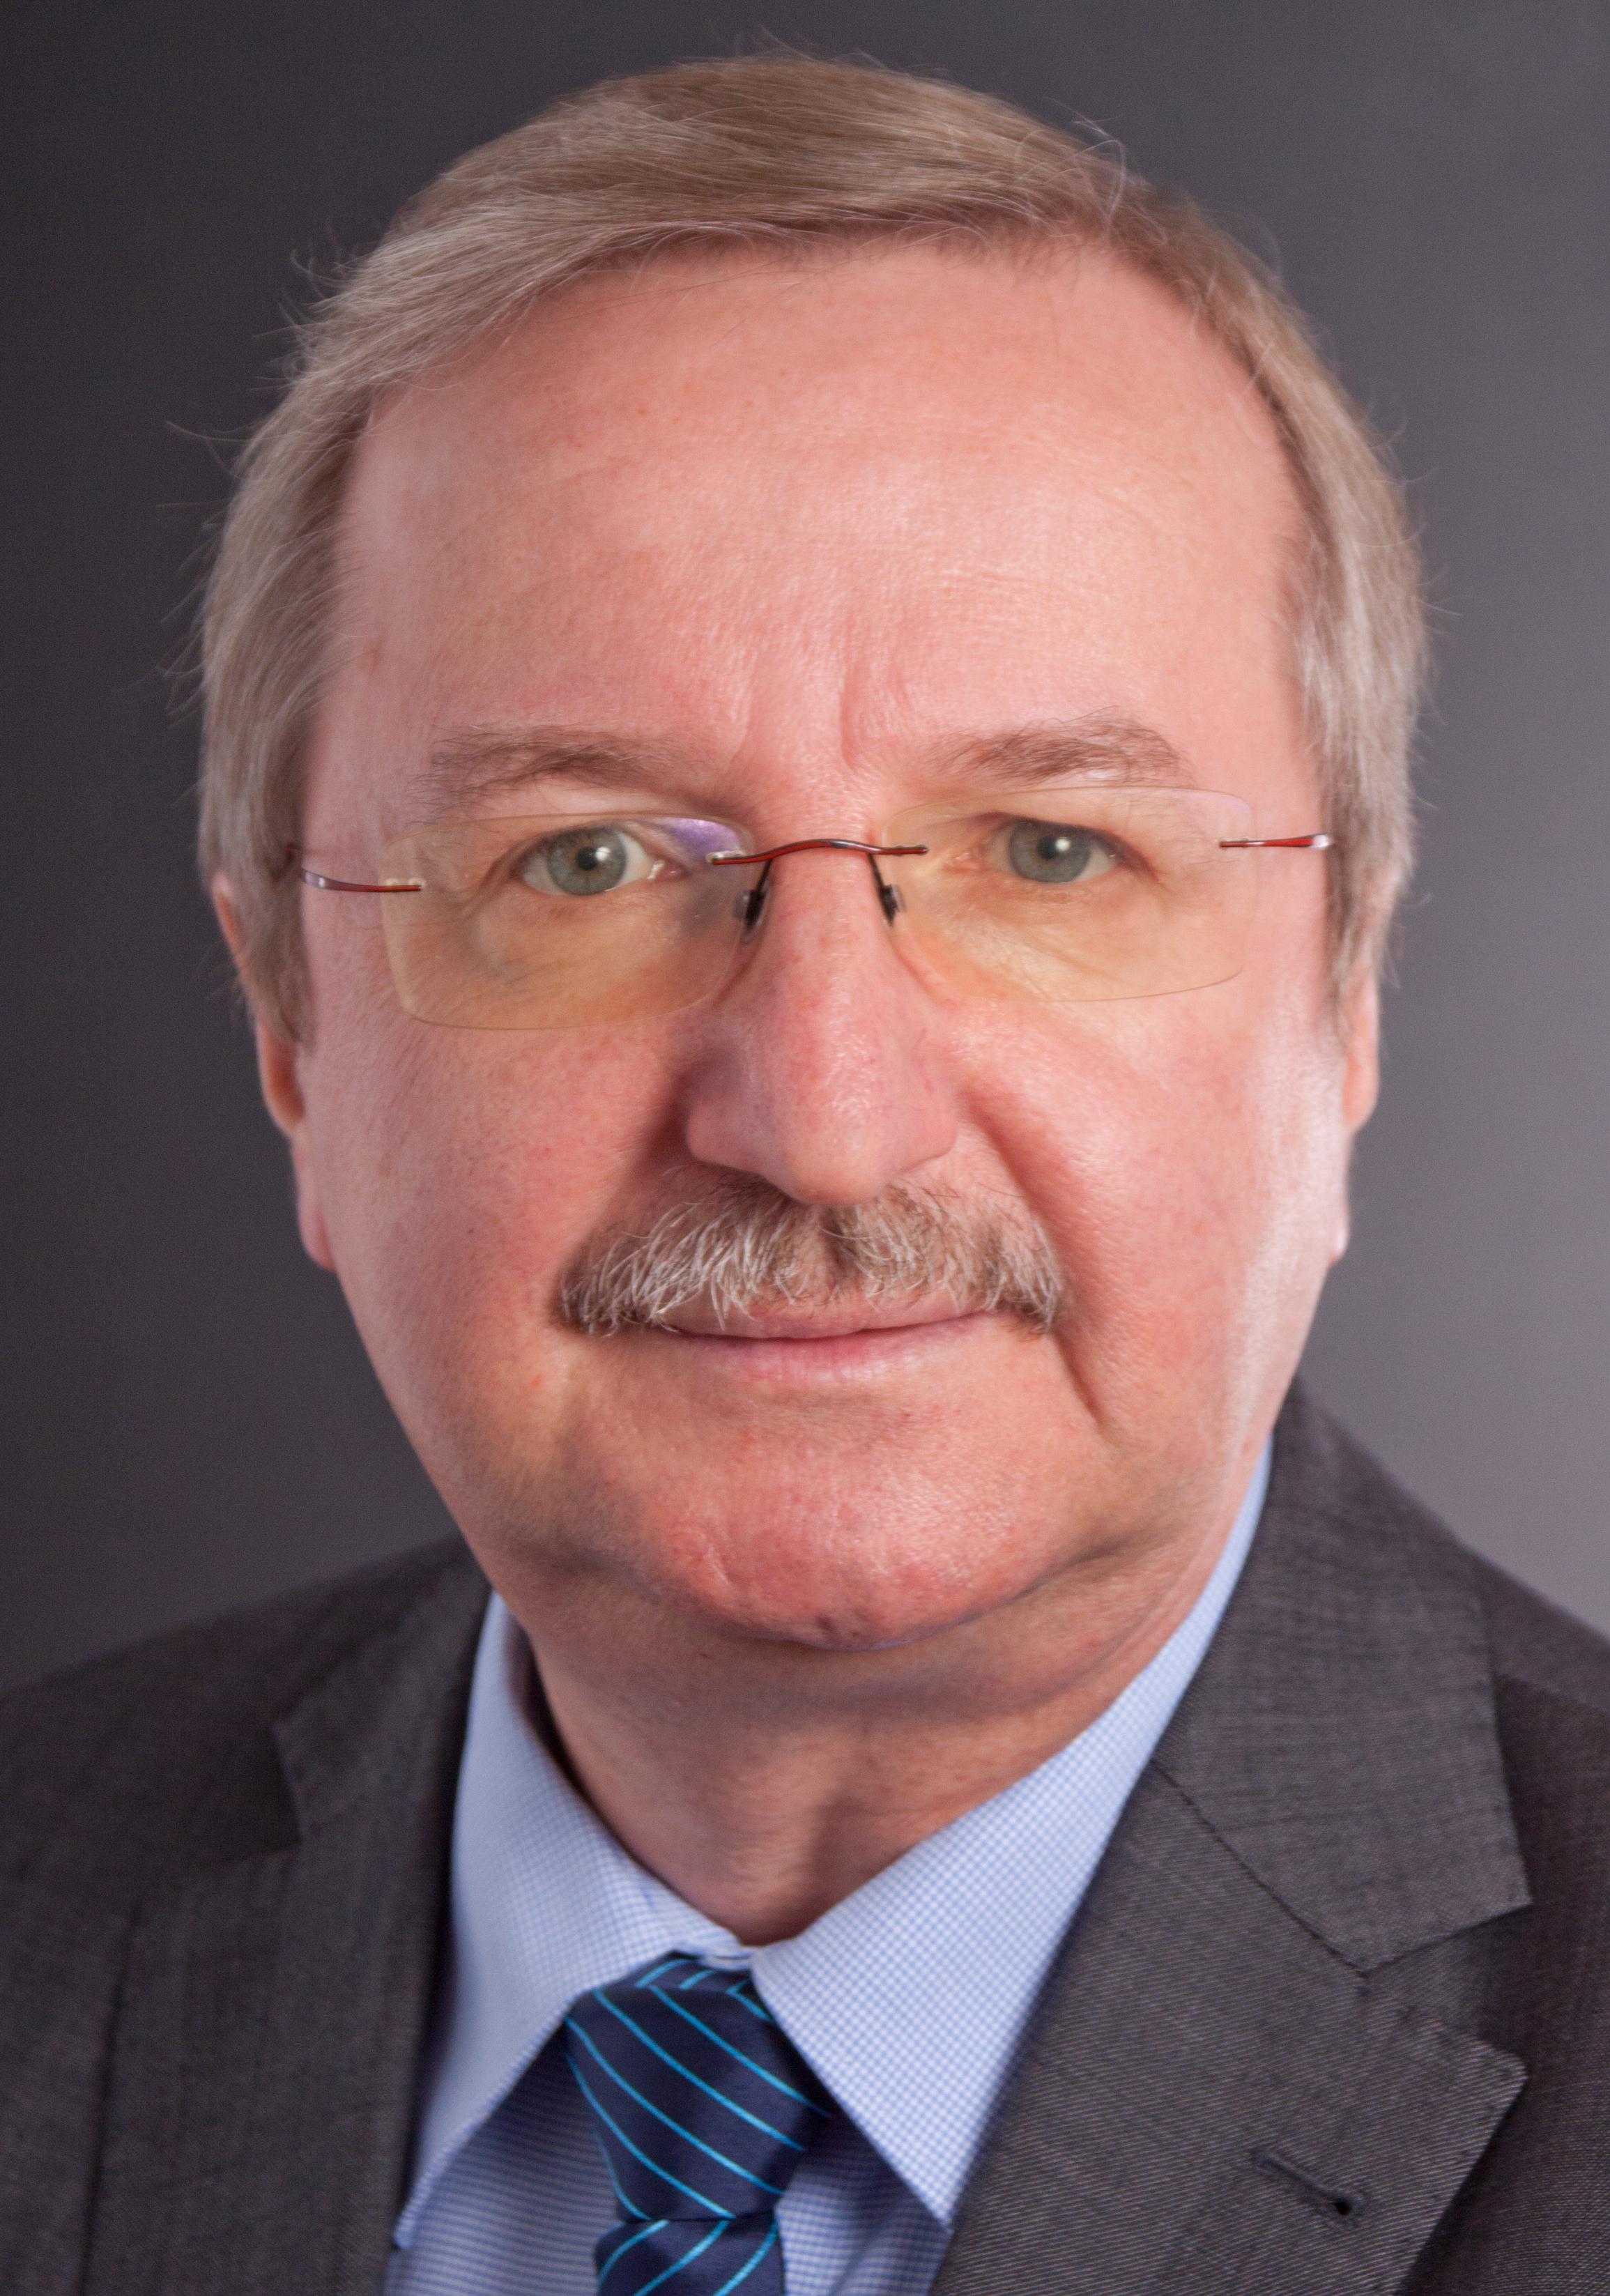 Prof Dr Bernd Schneidmüller Professur Für Mittelalterliche Geschichte